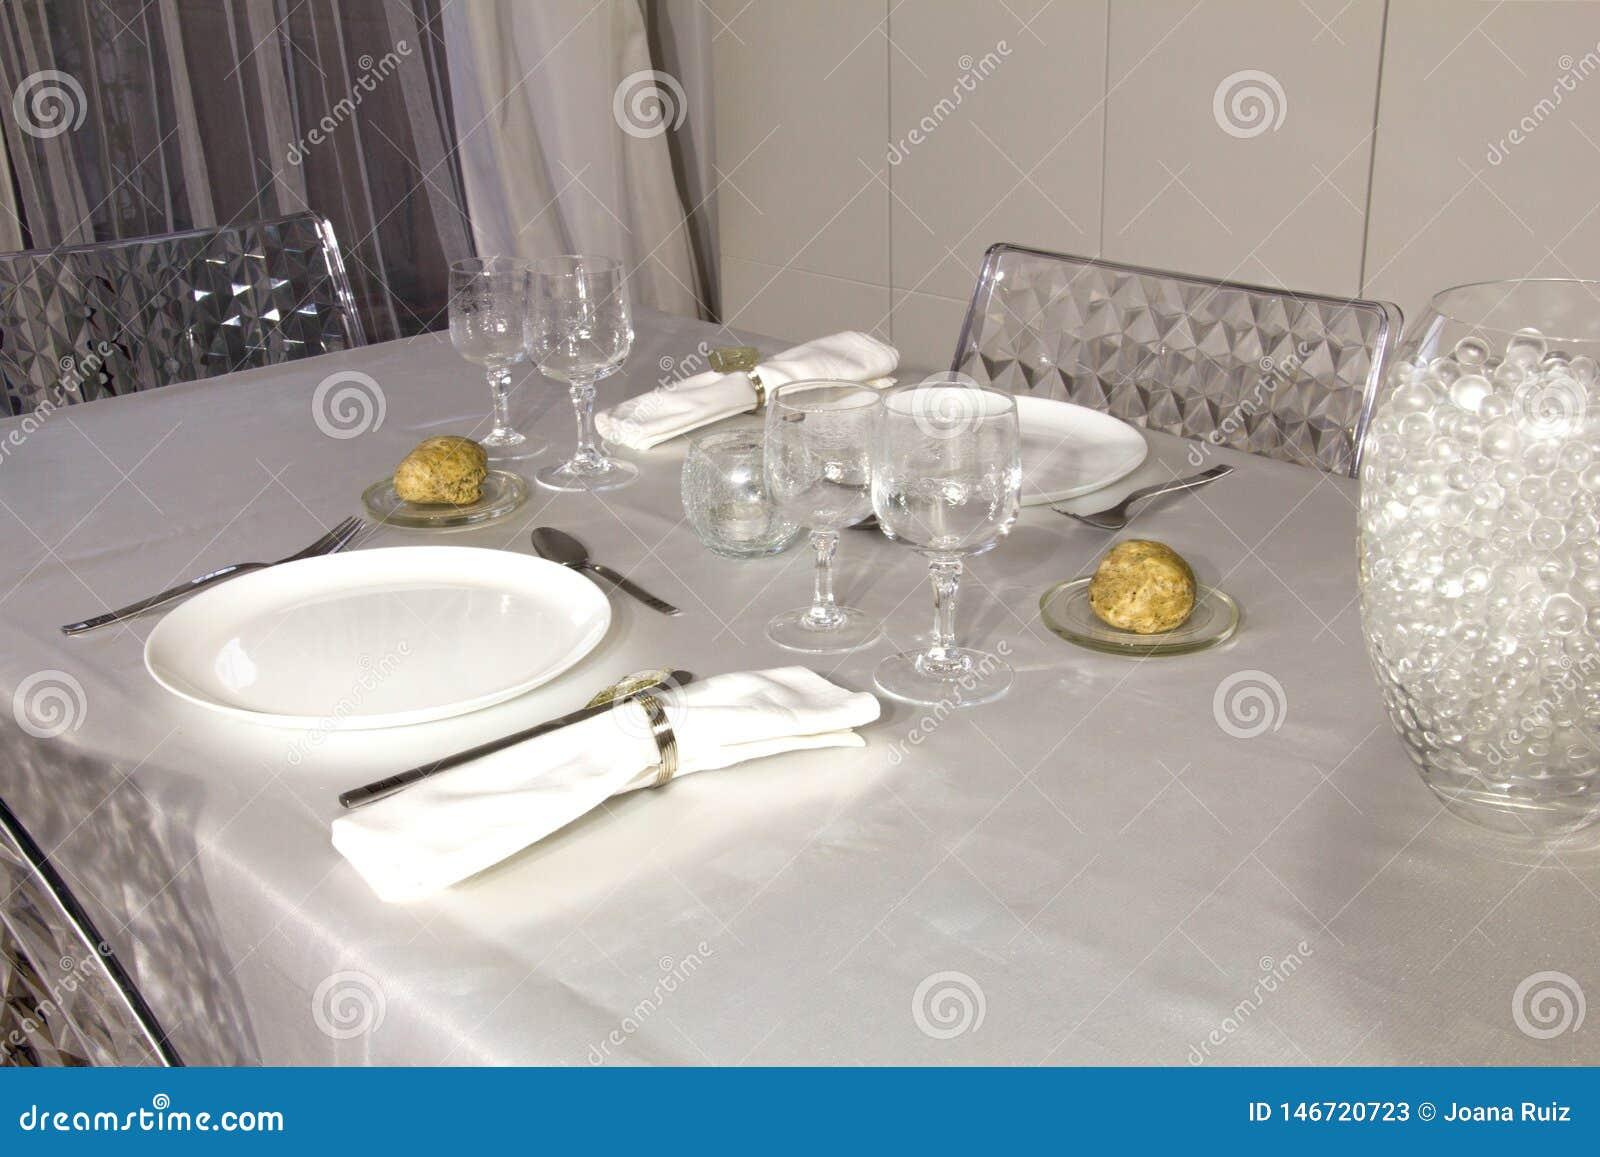 为一顿浪漫晚餐准备的典雅的桌